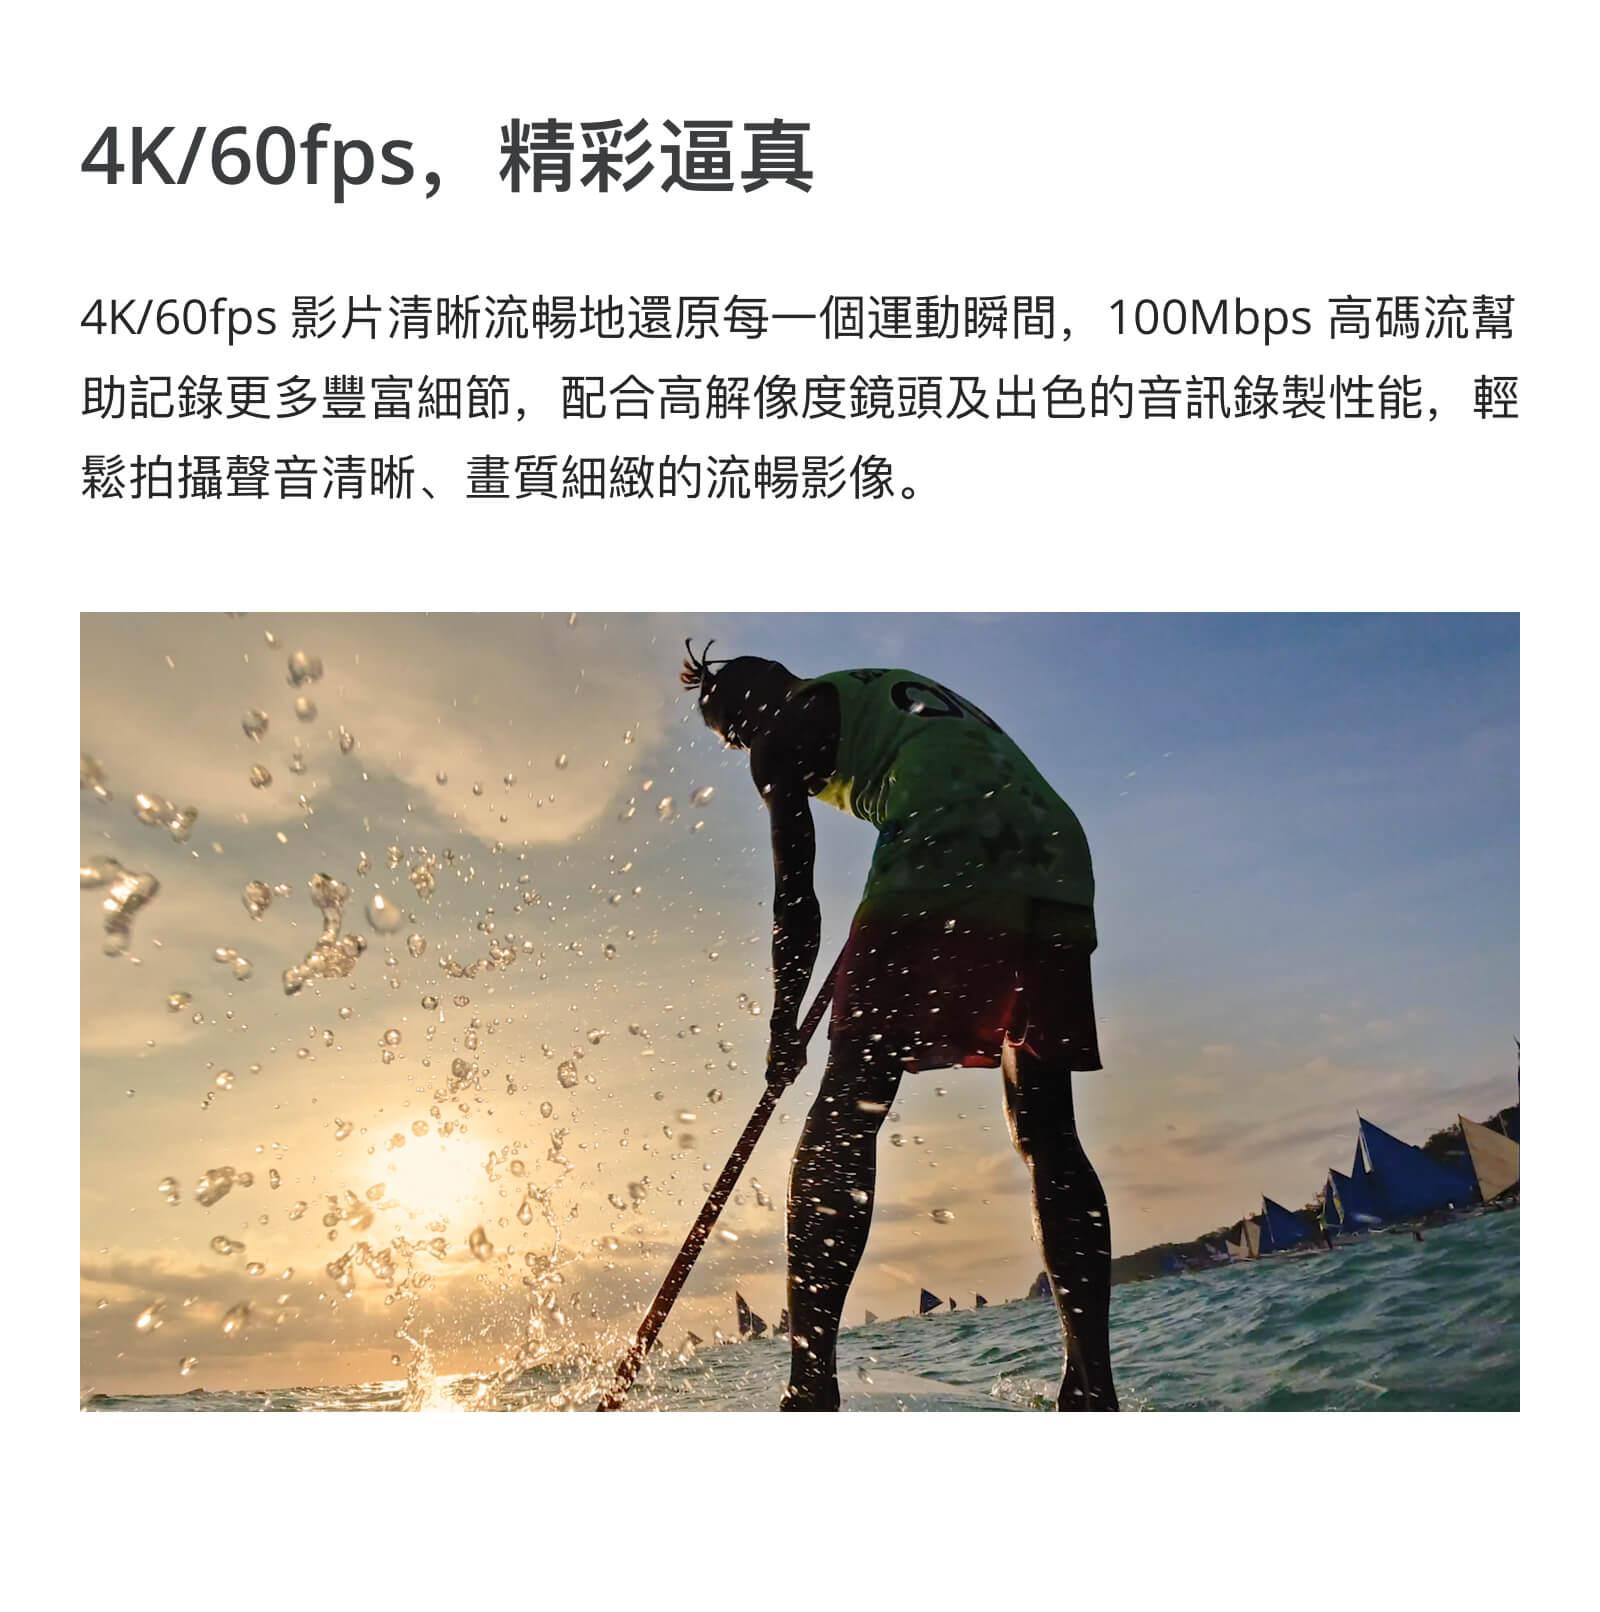 607cb521e-303d-4d81-af04-3ef89989f92d.jpg